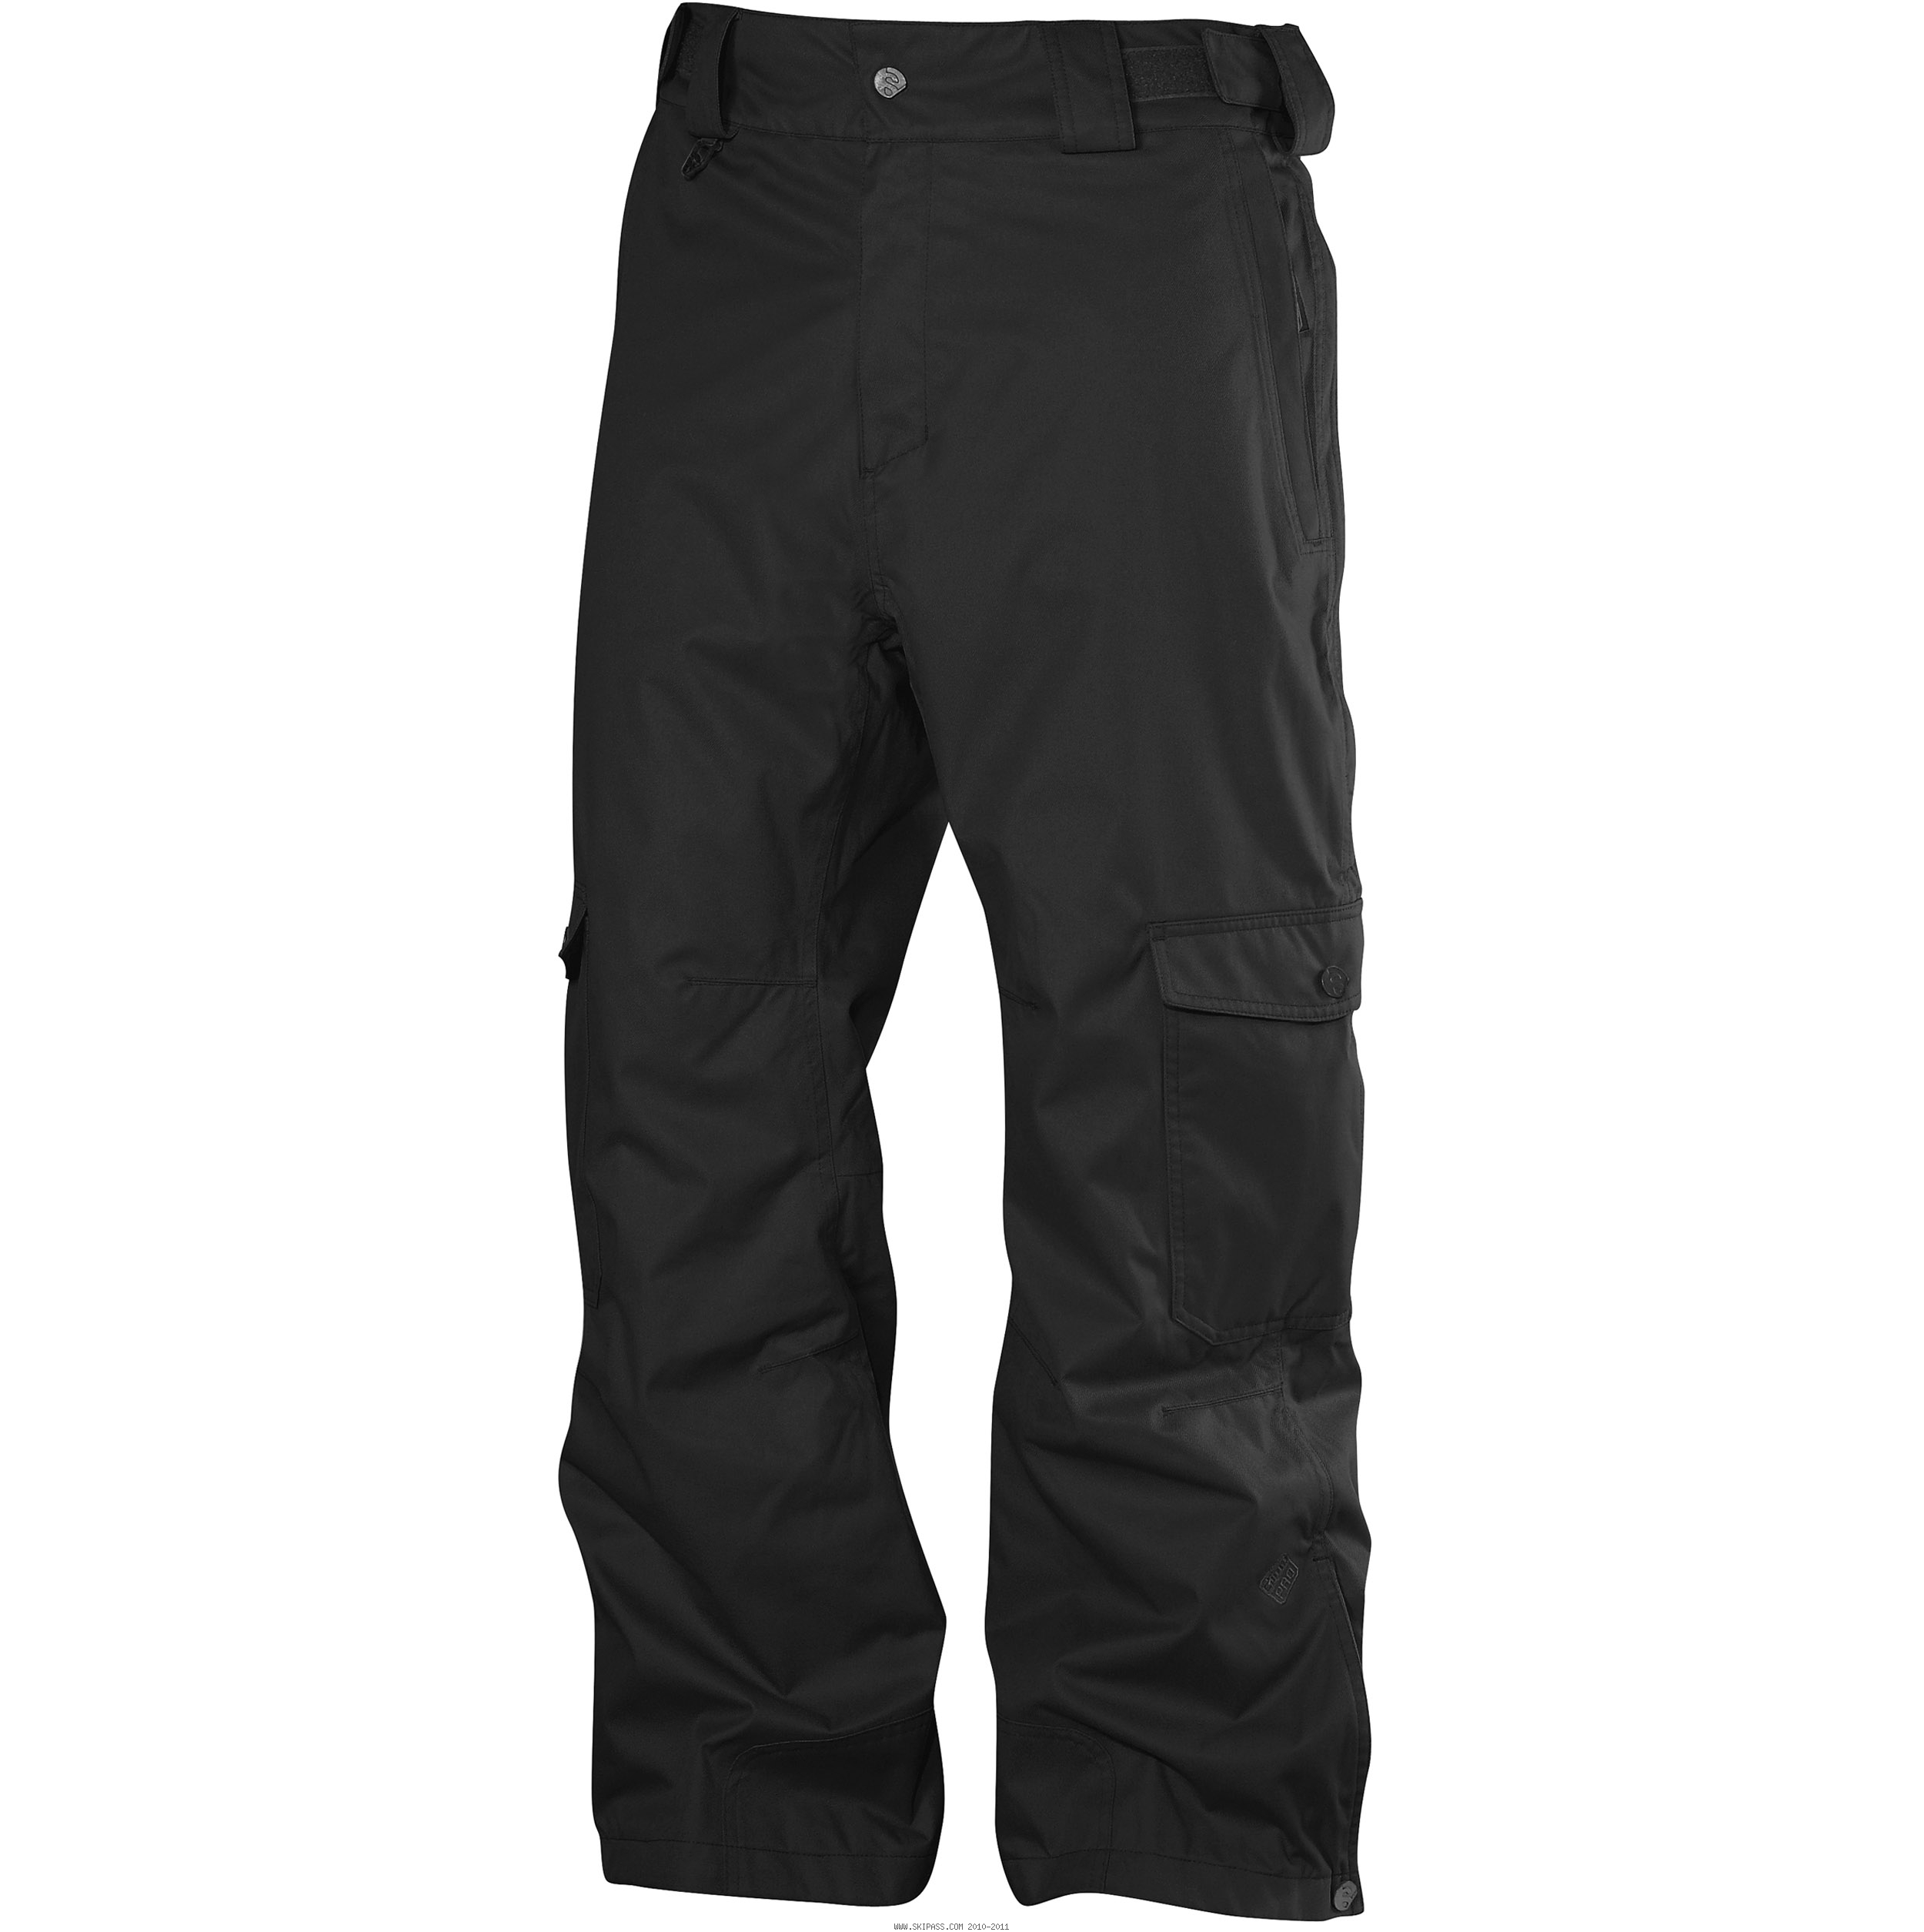 reebok en cours d ex cution femme - pantalon Salomon Gangster 2011